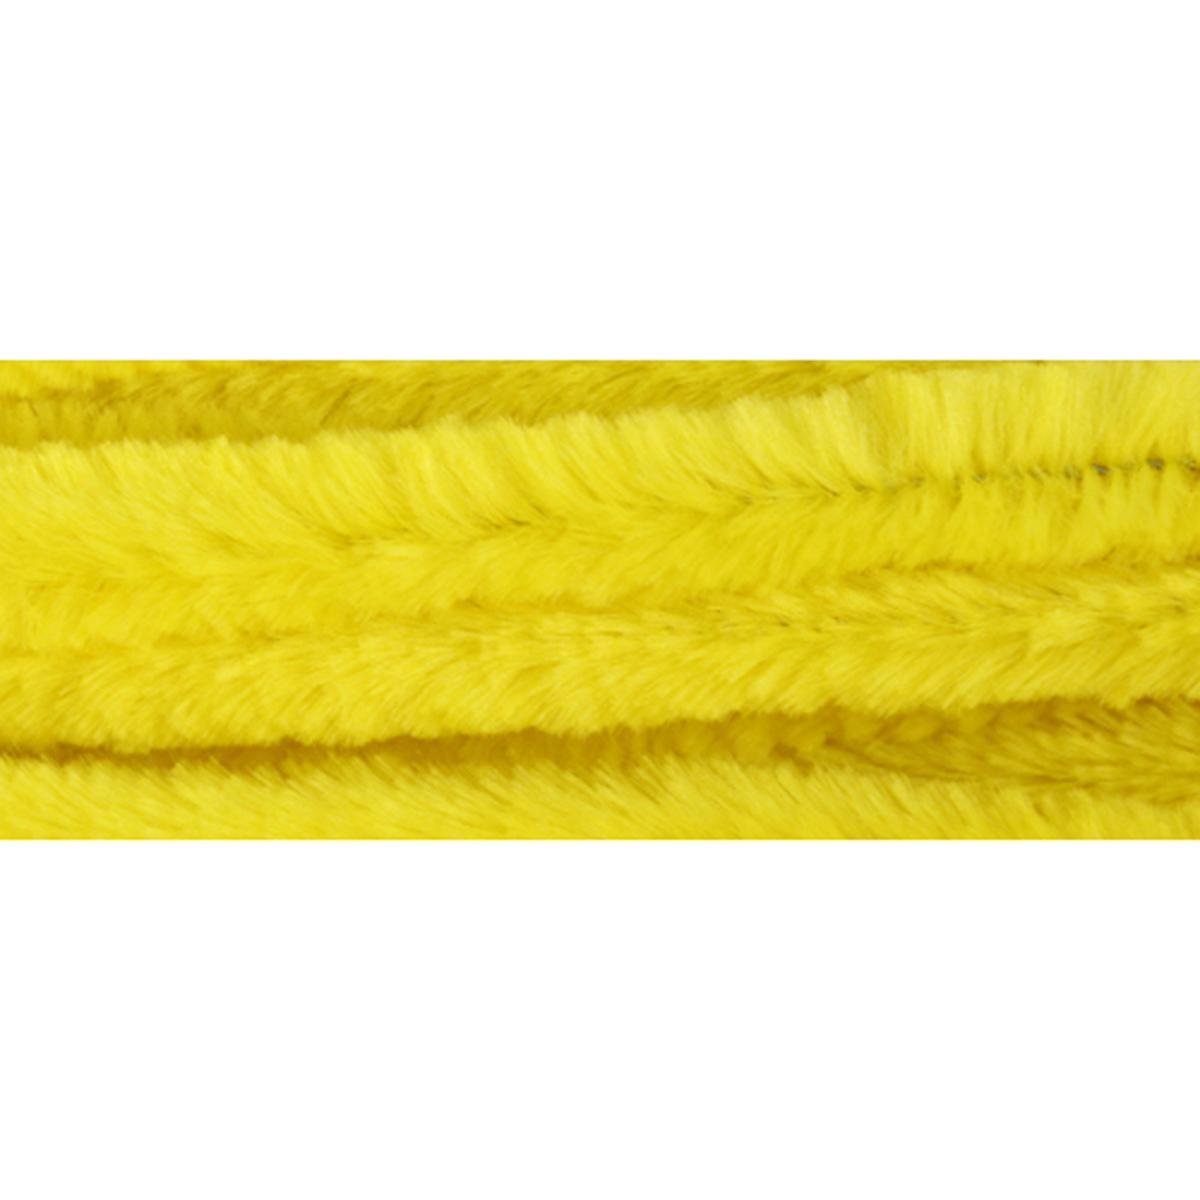 Синель-проволока Астра, цвет: желтый, 12 мм х 30 см, 15 шт7708693_ A-018 желтыйИз пушистой проволоки можно мастерить разные поделки - плоские и объемные. Такая проволока послужит практичным материалом в валянии и изготовлении игрушек.